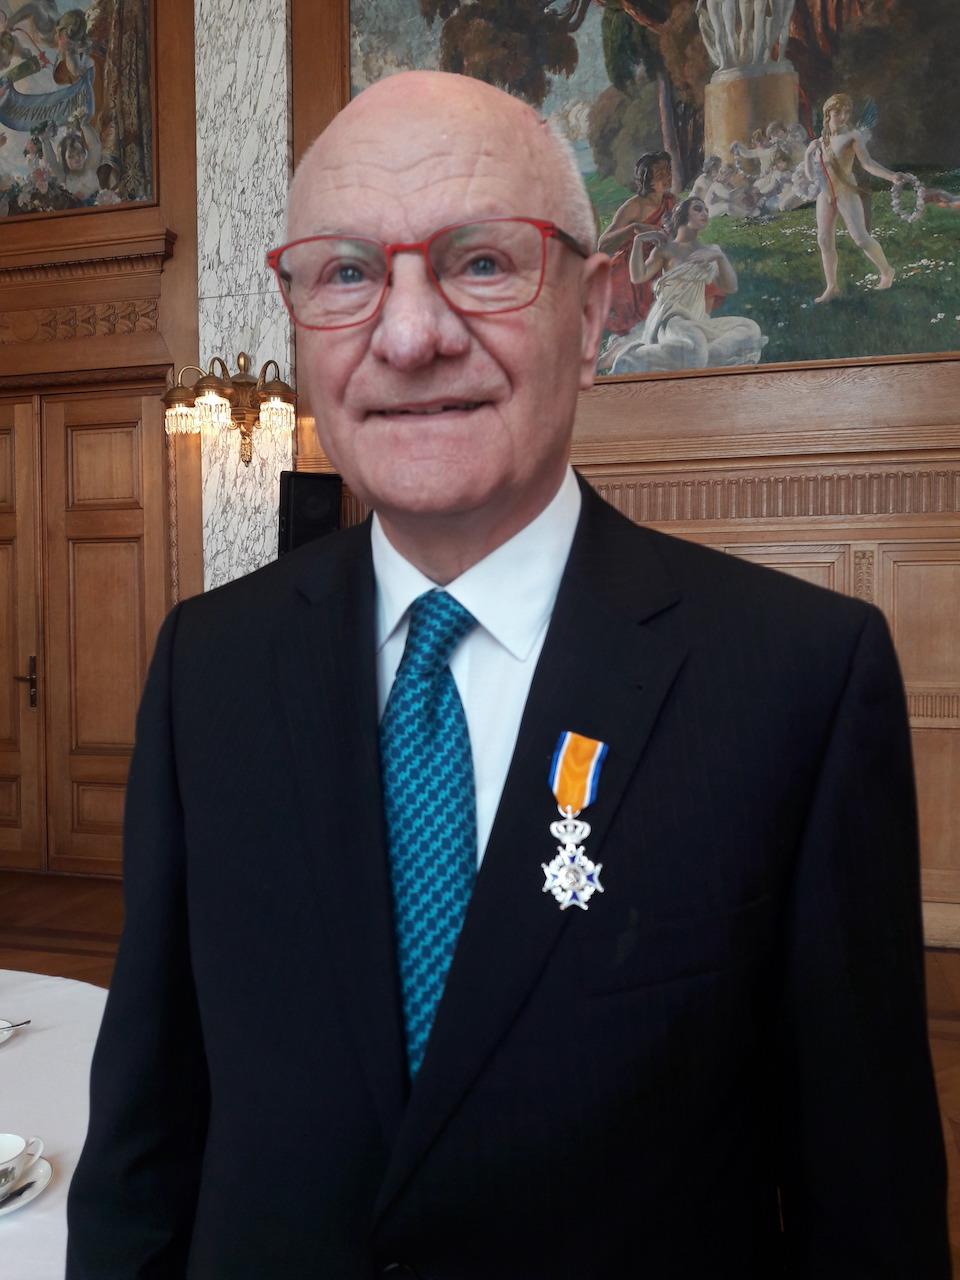 Oud voorzitter Koninklijk onderscheiden